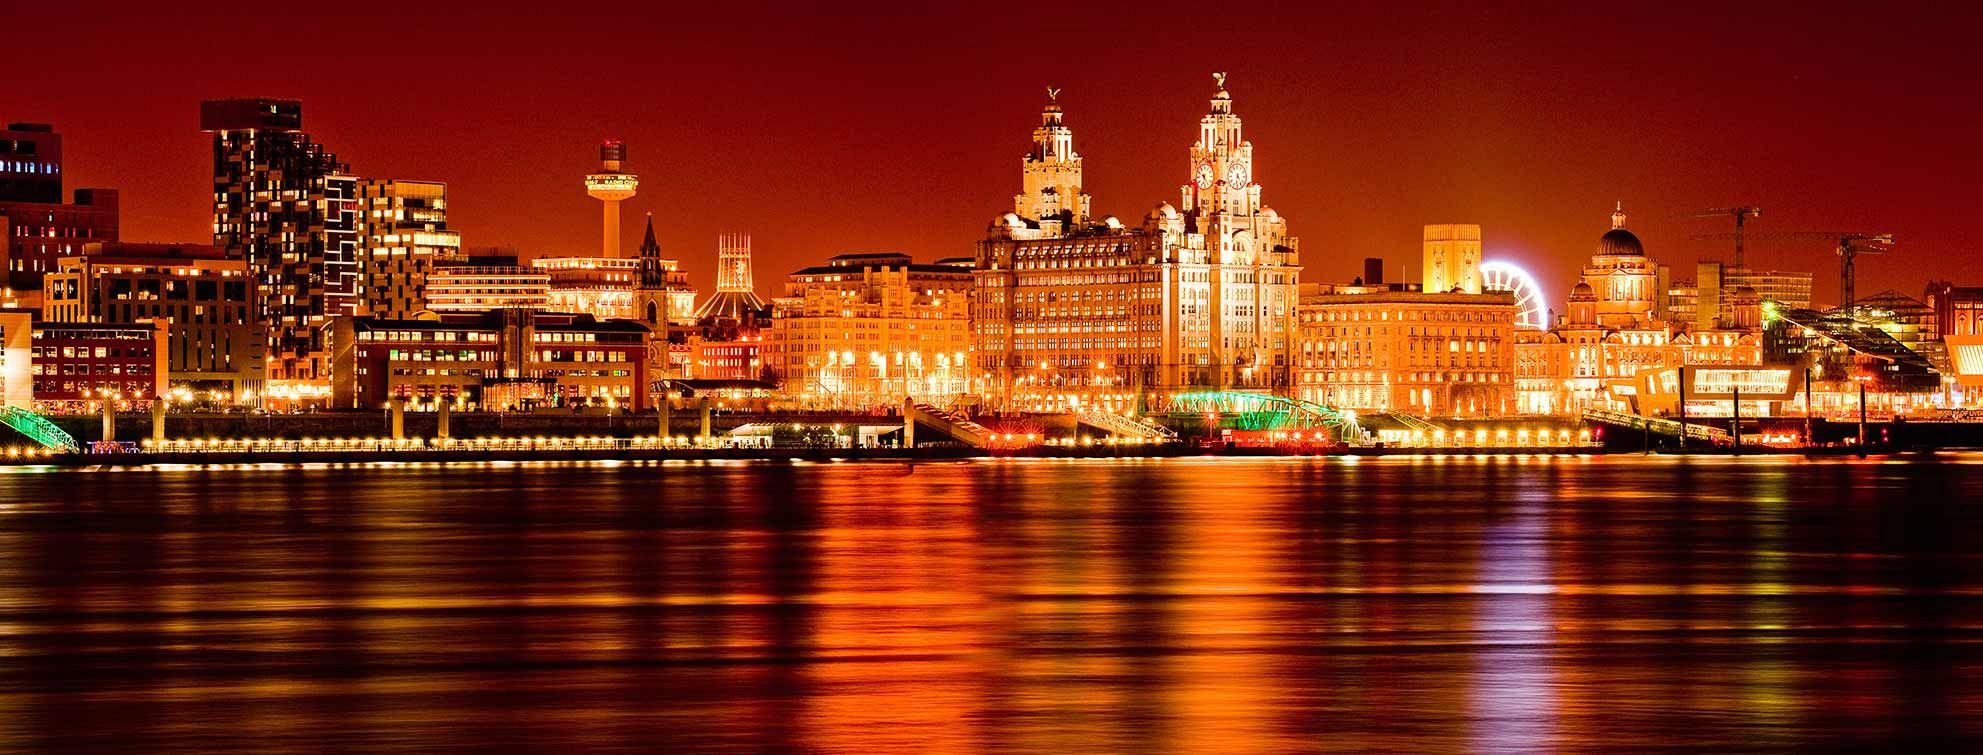 Liverpool Mersey